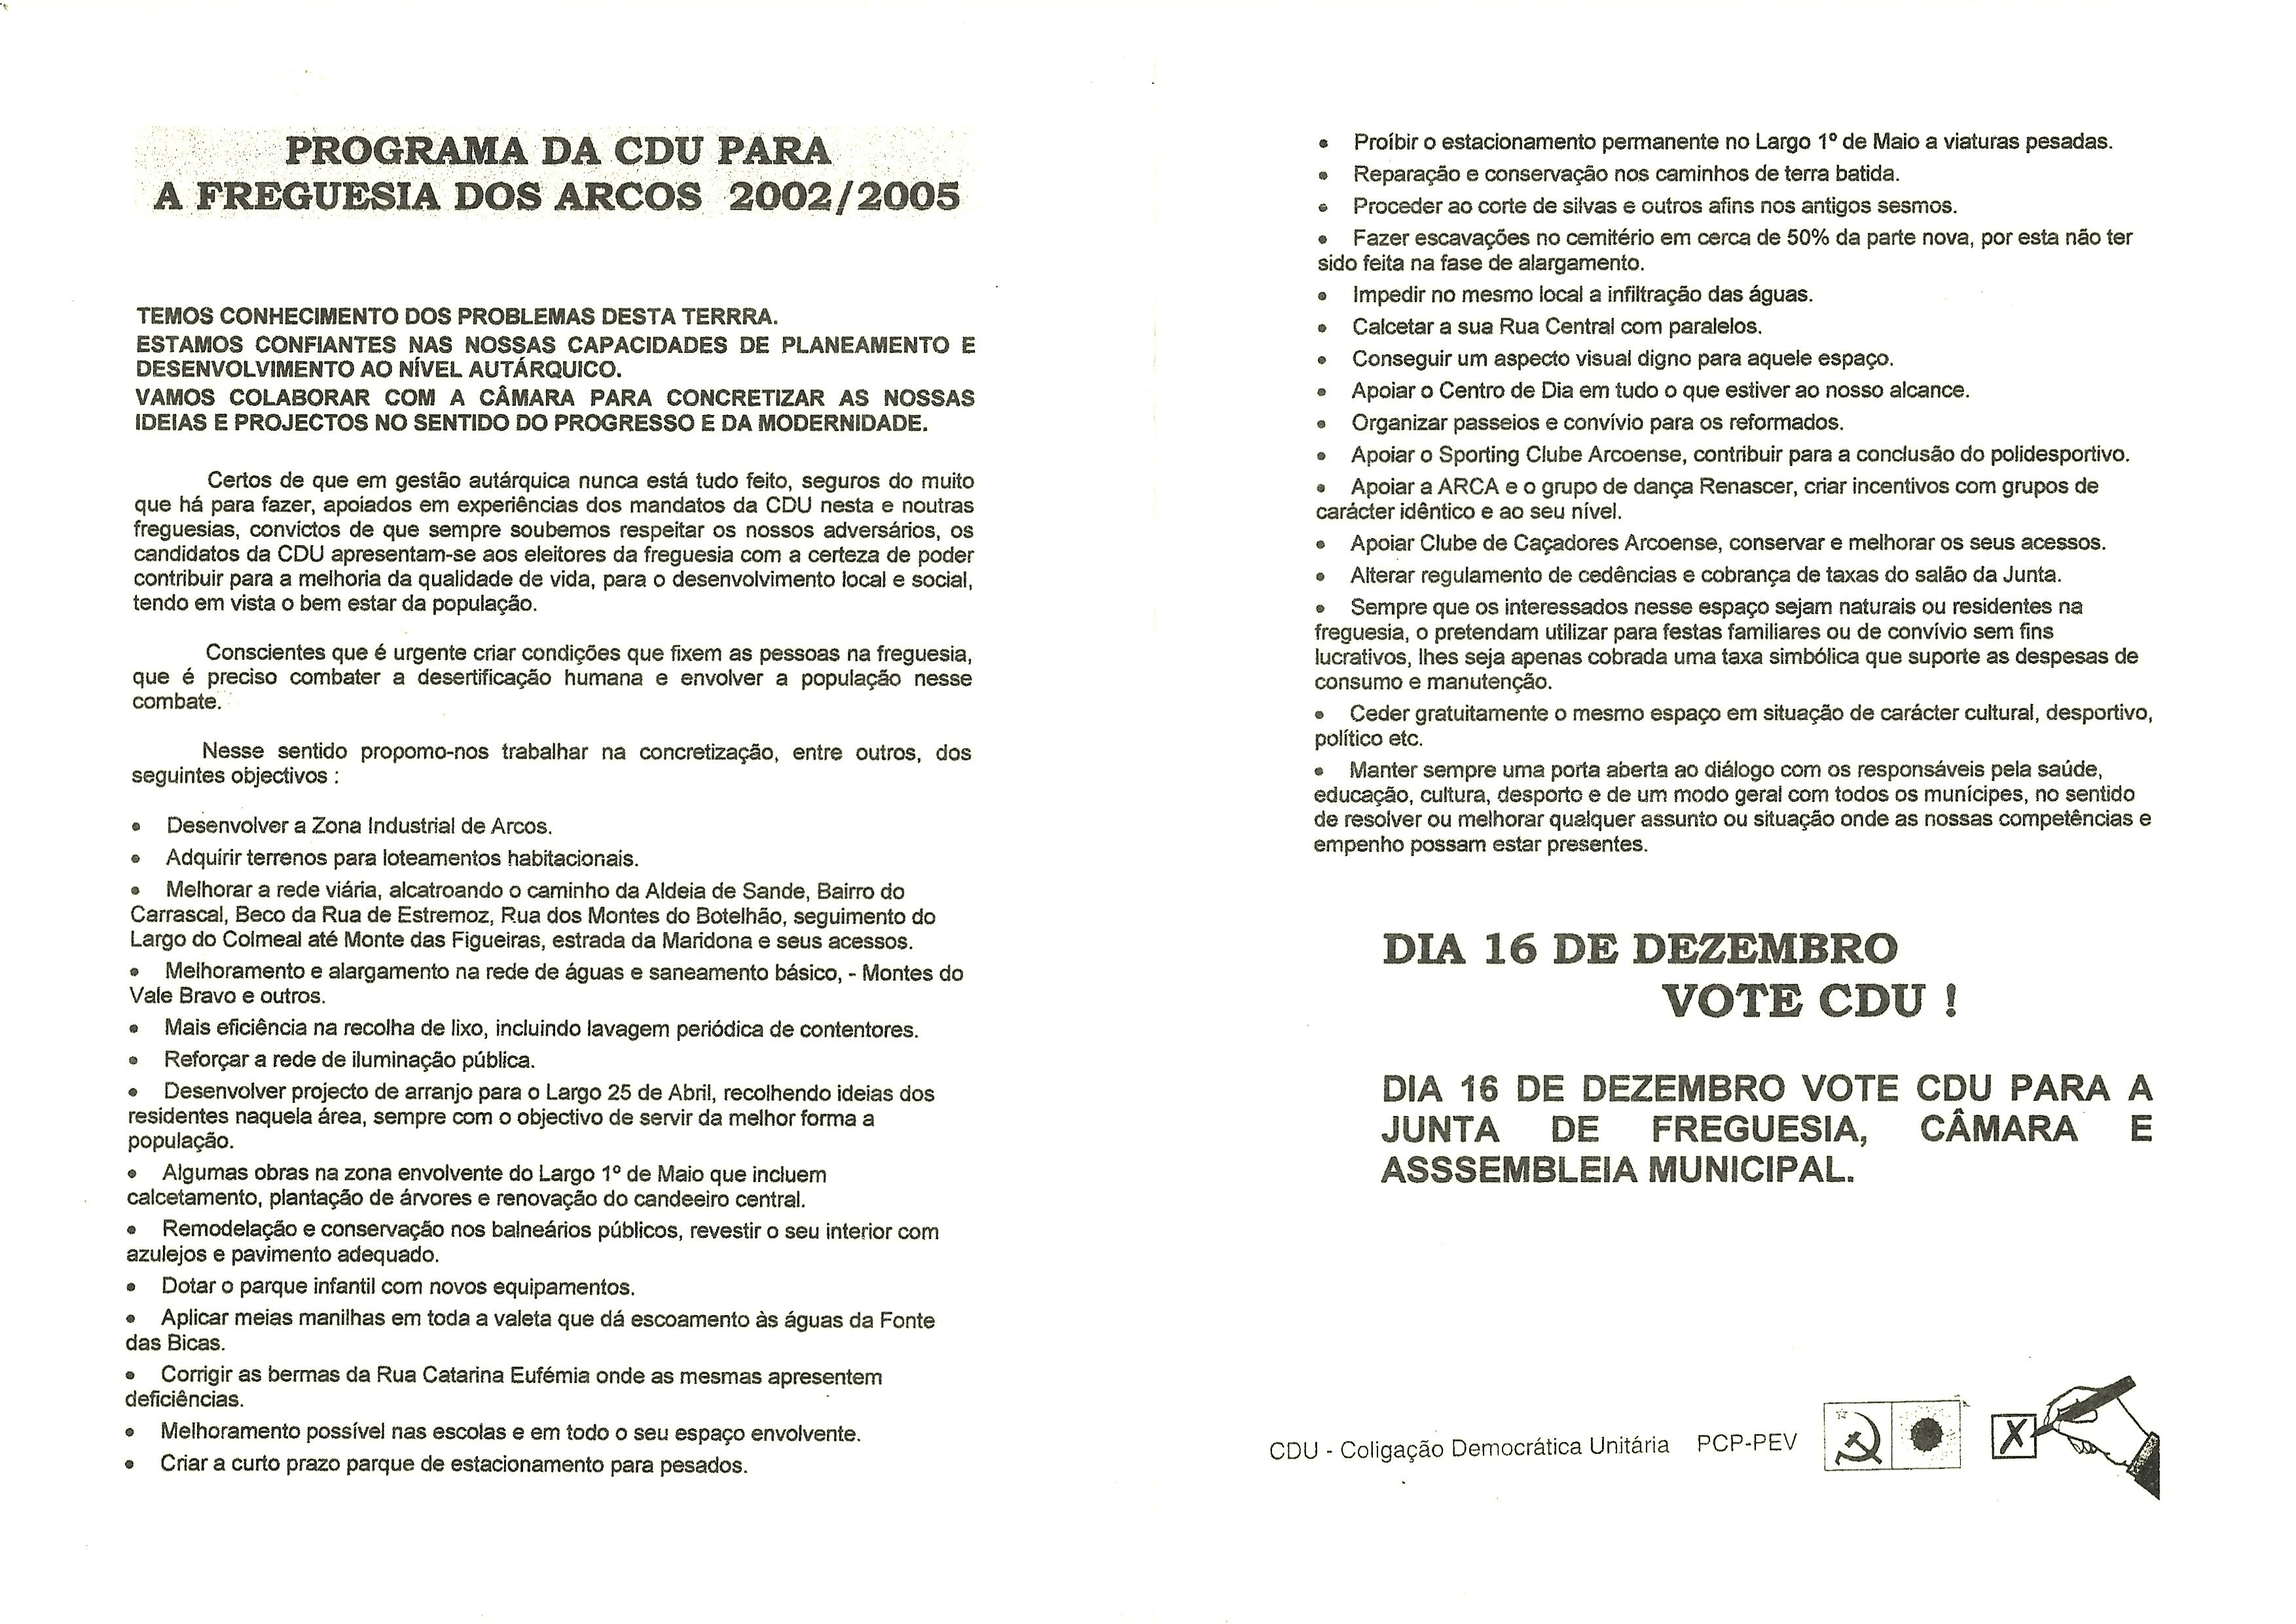 ARCOS ESTREMOZ CDU 2001 2